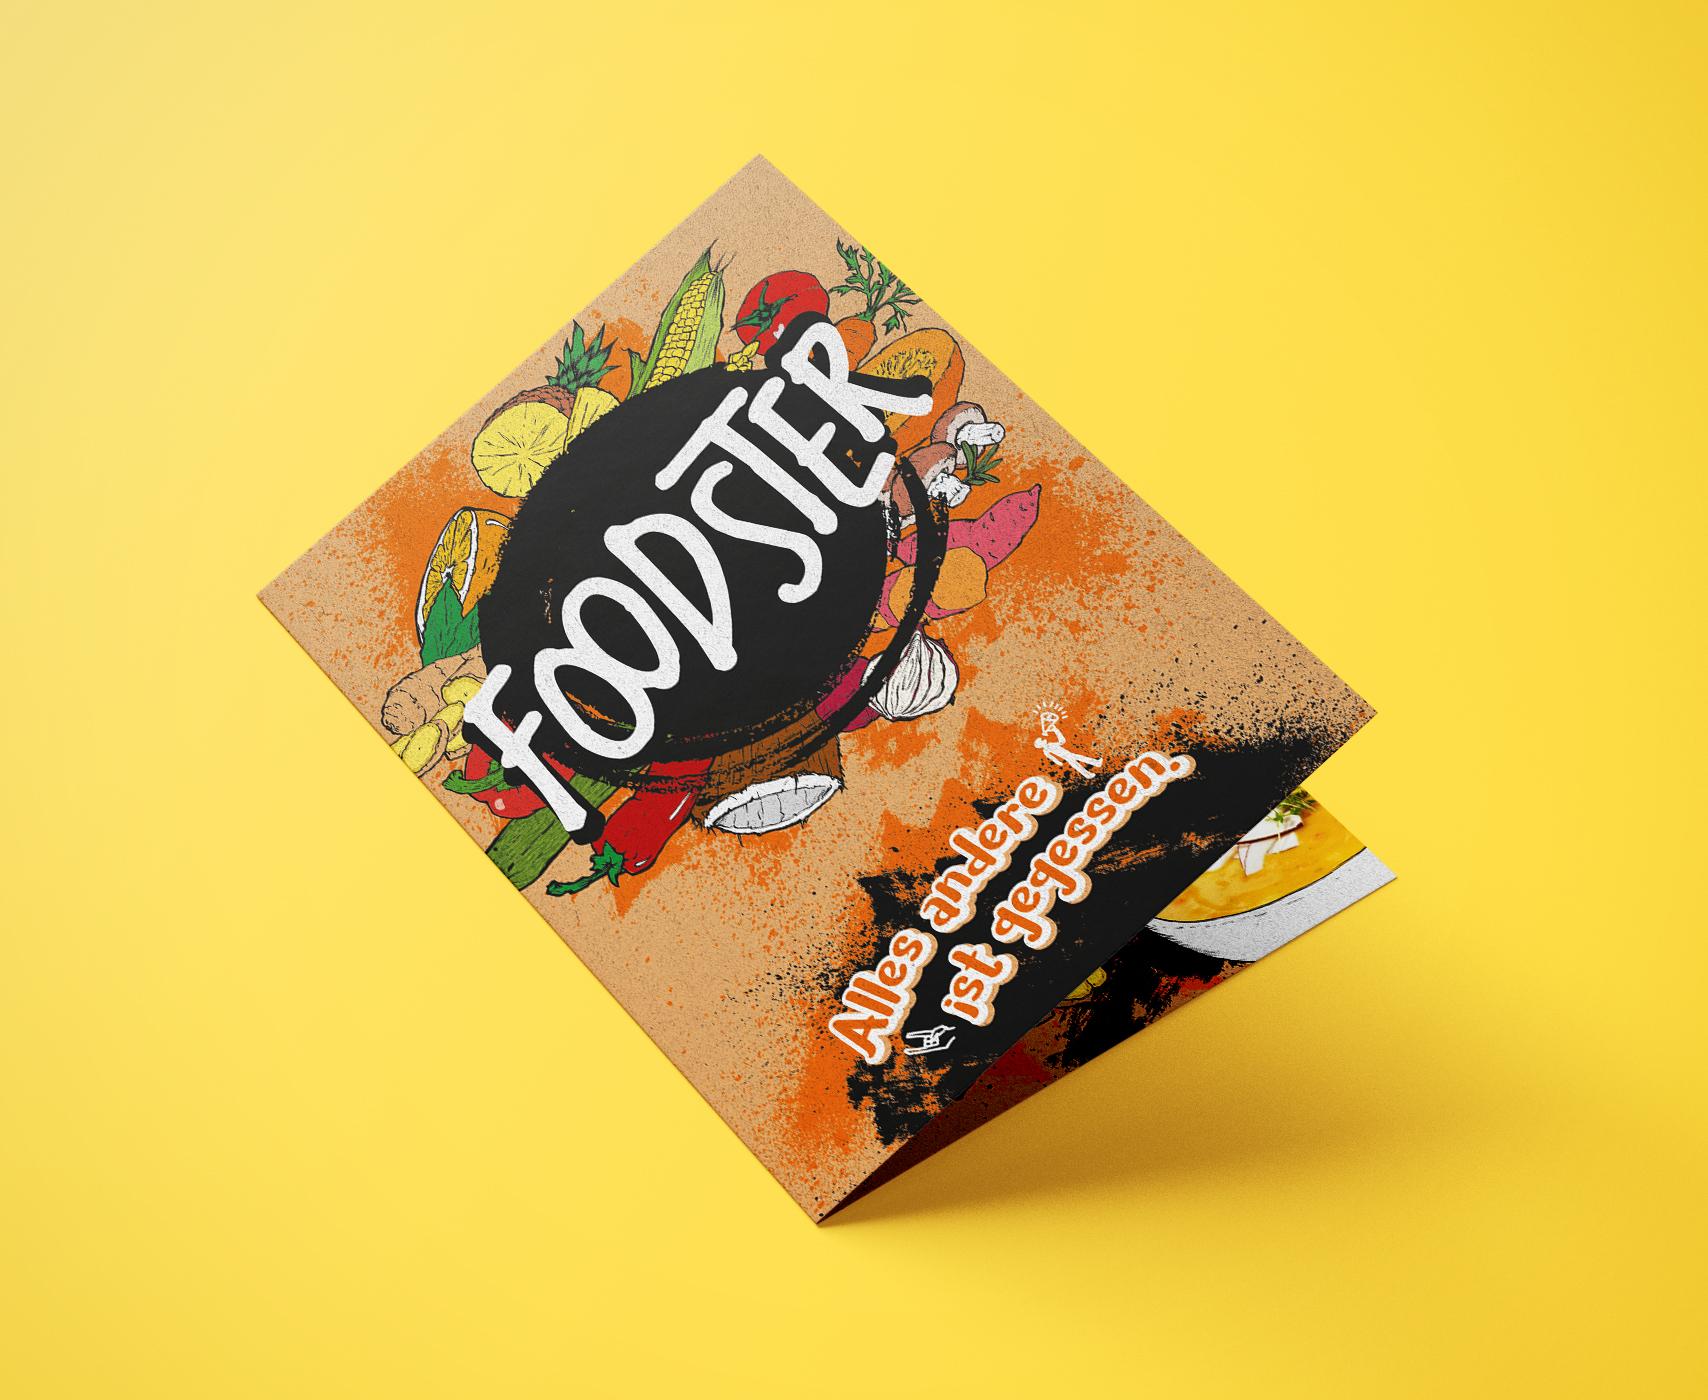 Foodster_titel.jpg